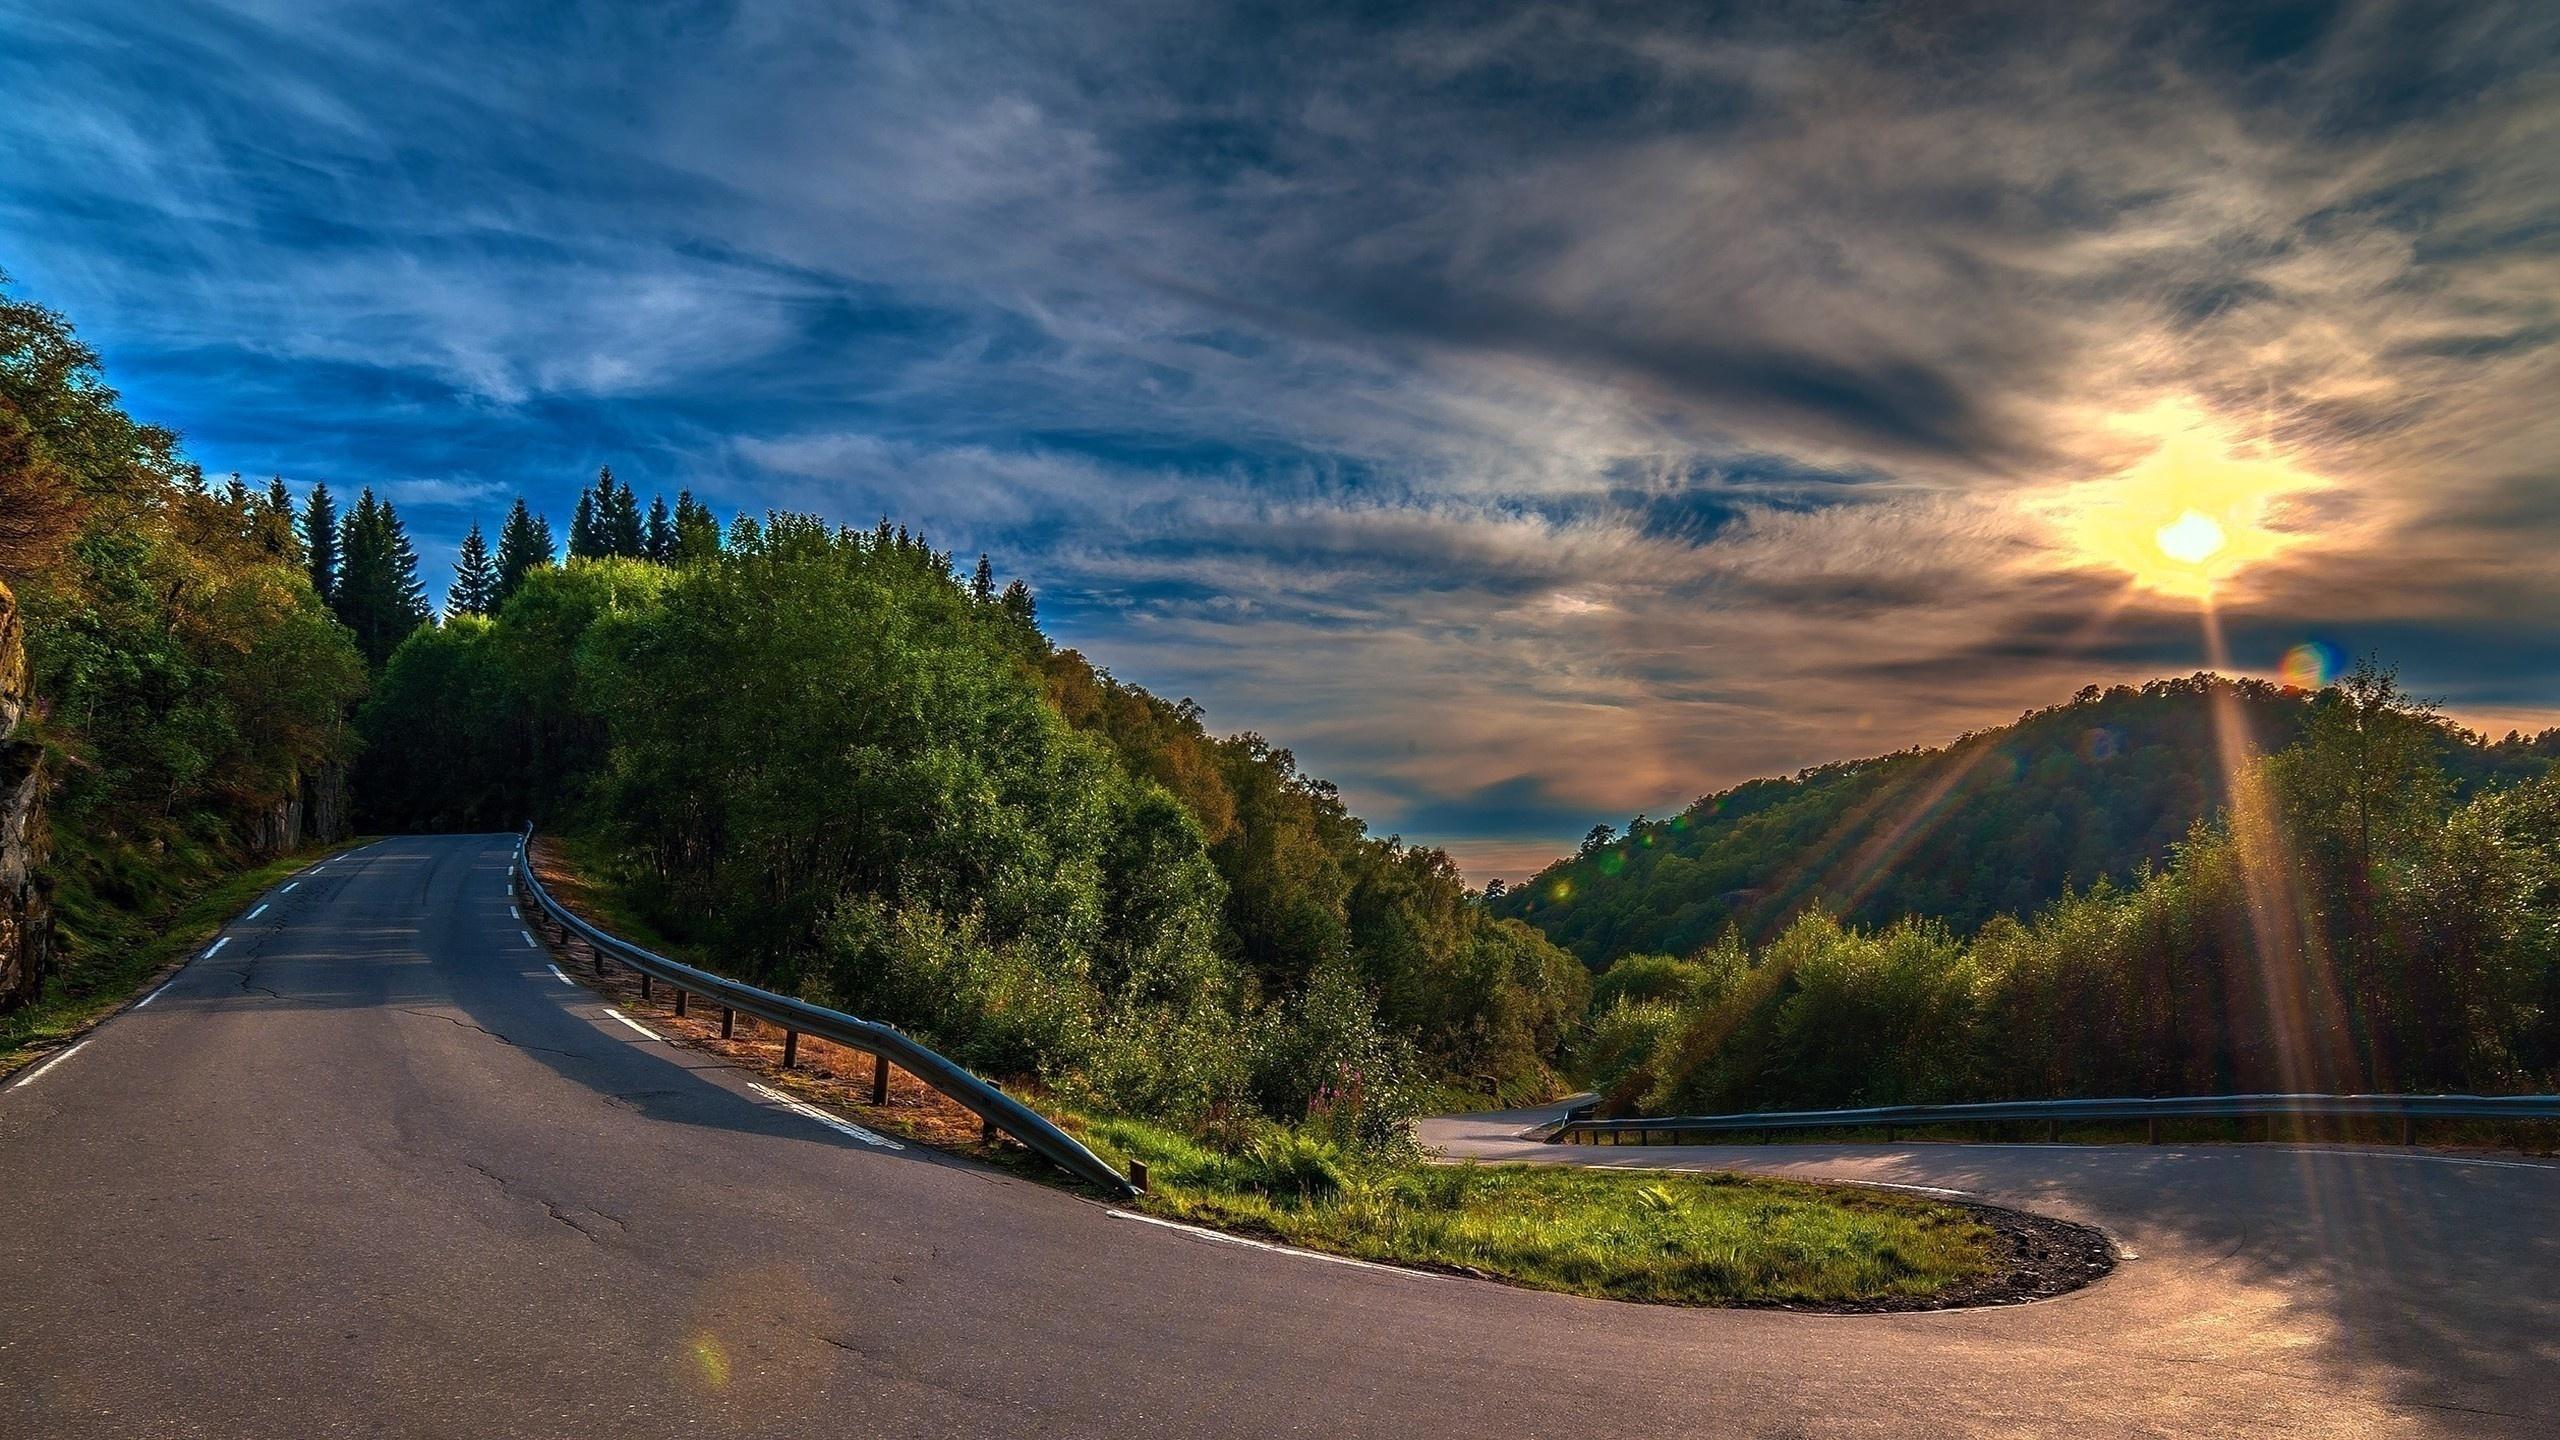 Солнце, рассвет, горы, холмы, дорога  № 3302157  скачать